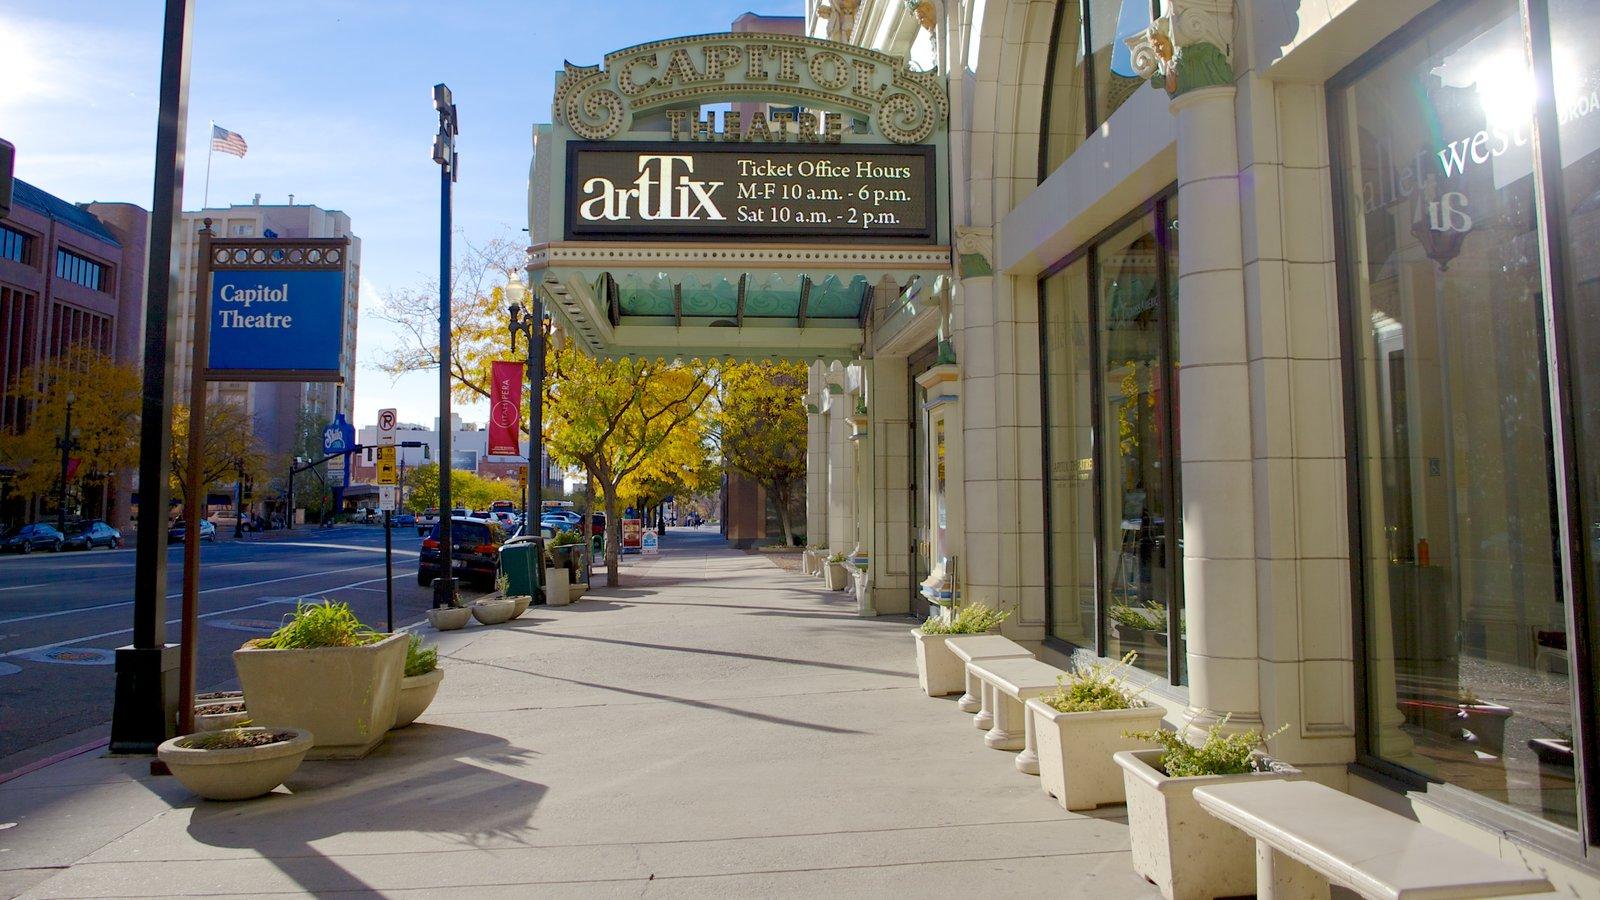 Capitol Theater ofreciendo escenas urbanas, una ciudad y señalización